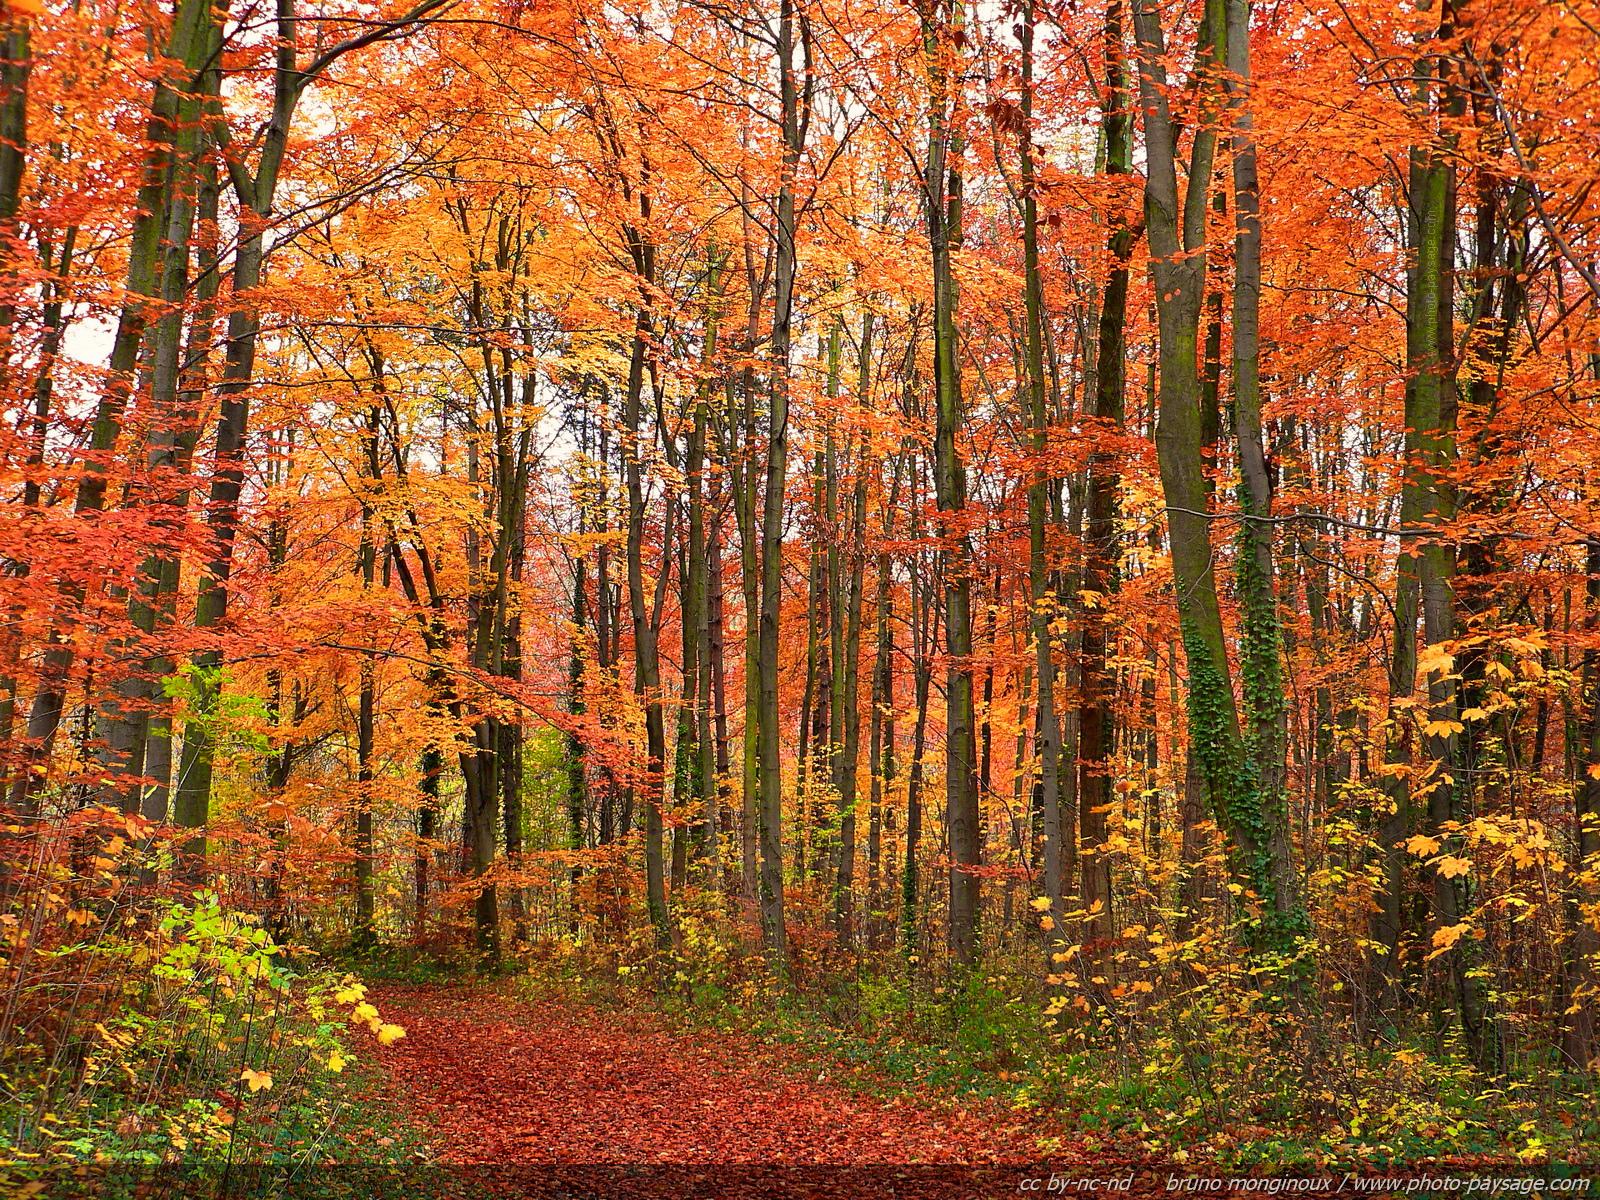 foto de Les plus belles photos d'automne - Photo-Paysage.com Photo-Paysage.com